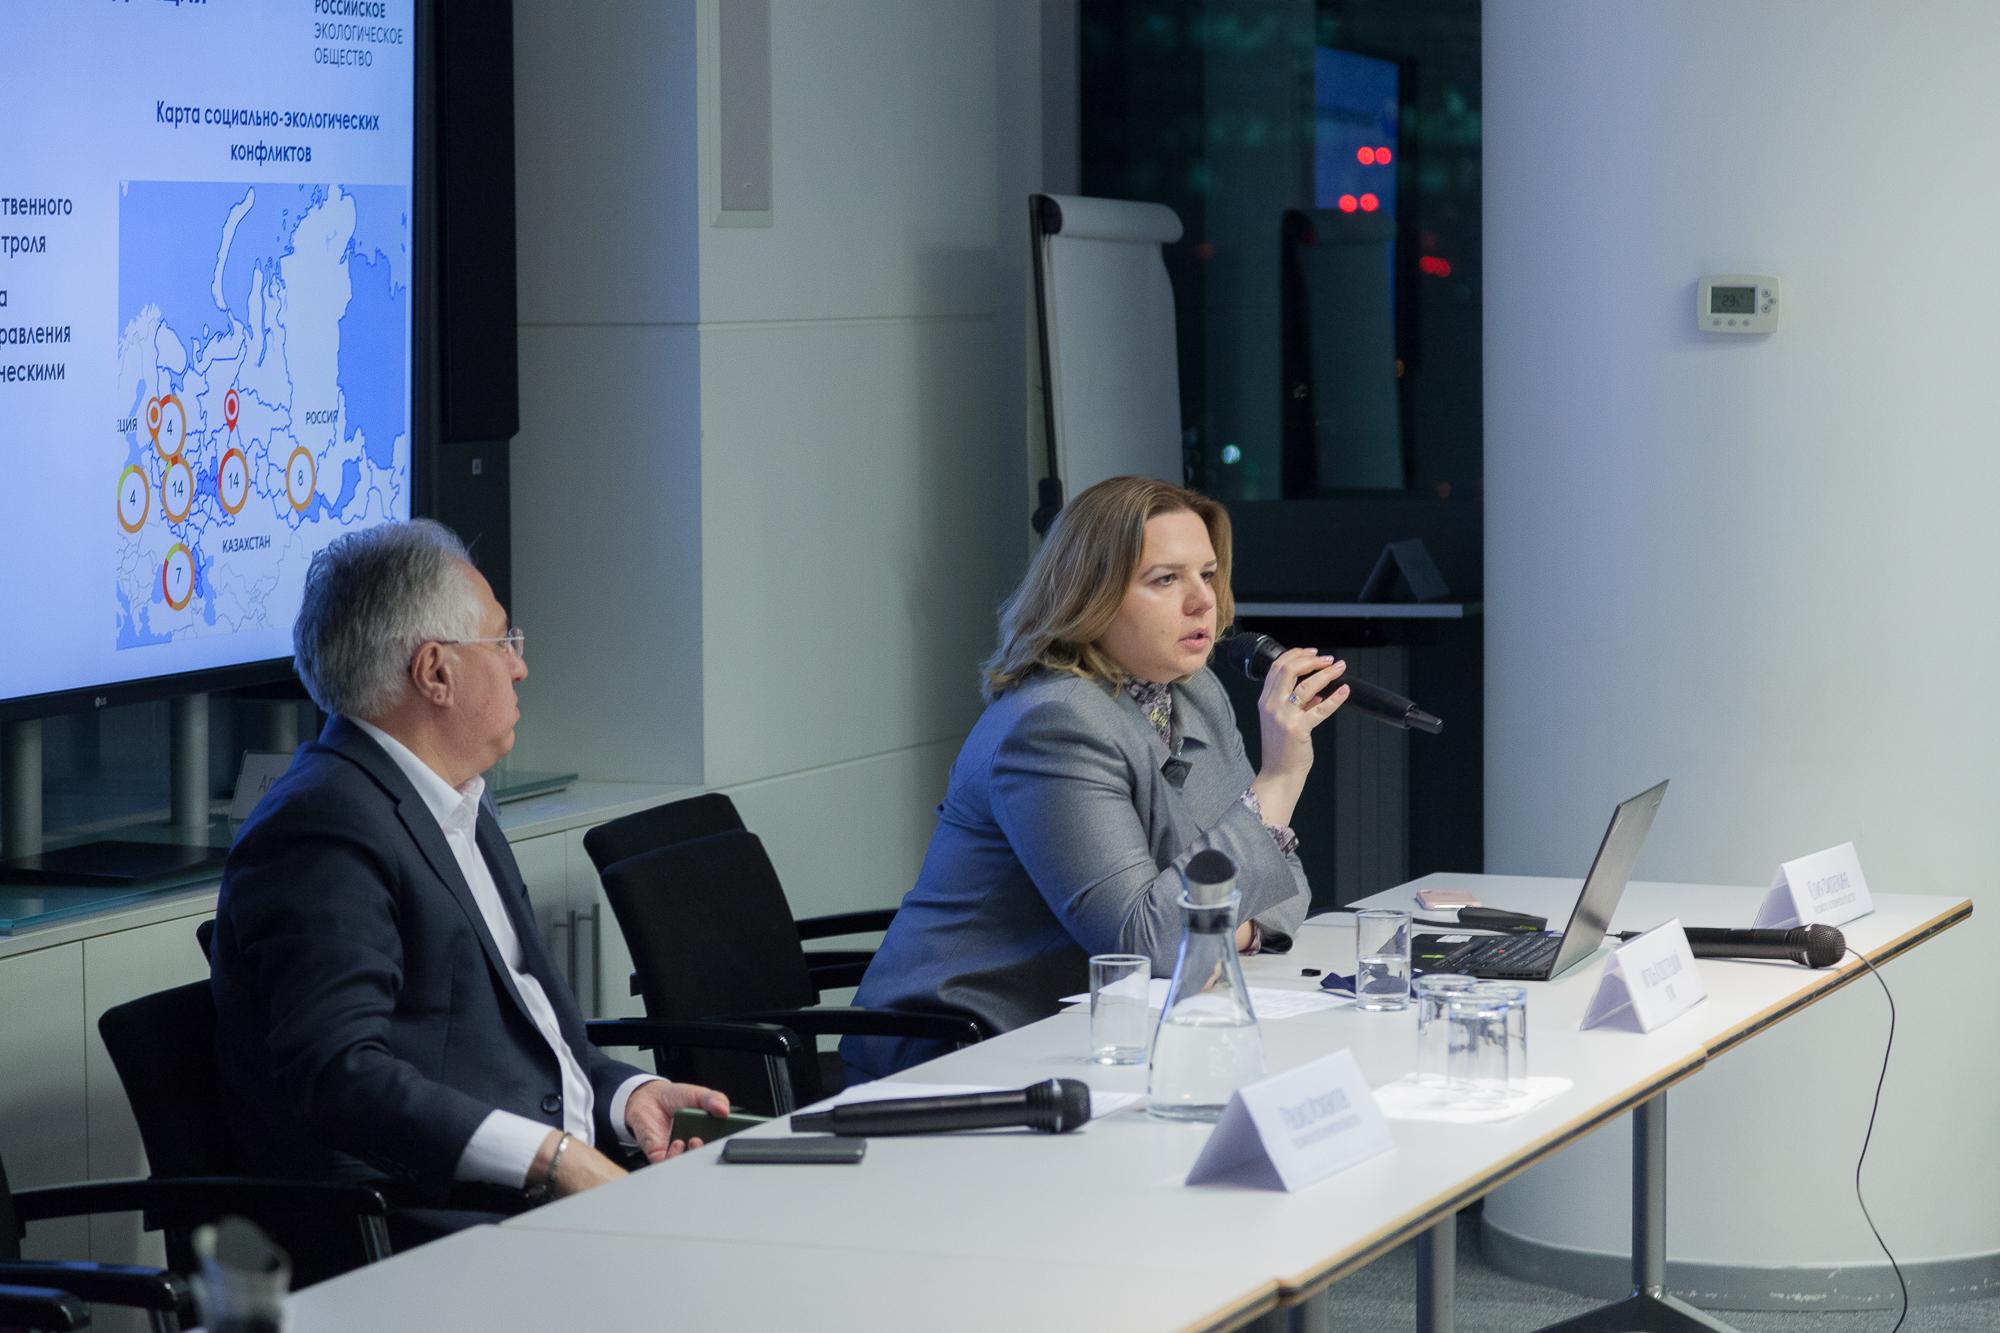 Стратсессия «Национальный проект «Экология». Риски и возможности для бизнеса»